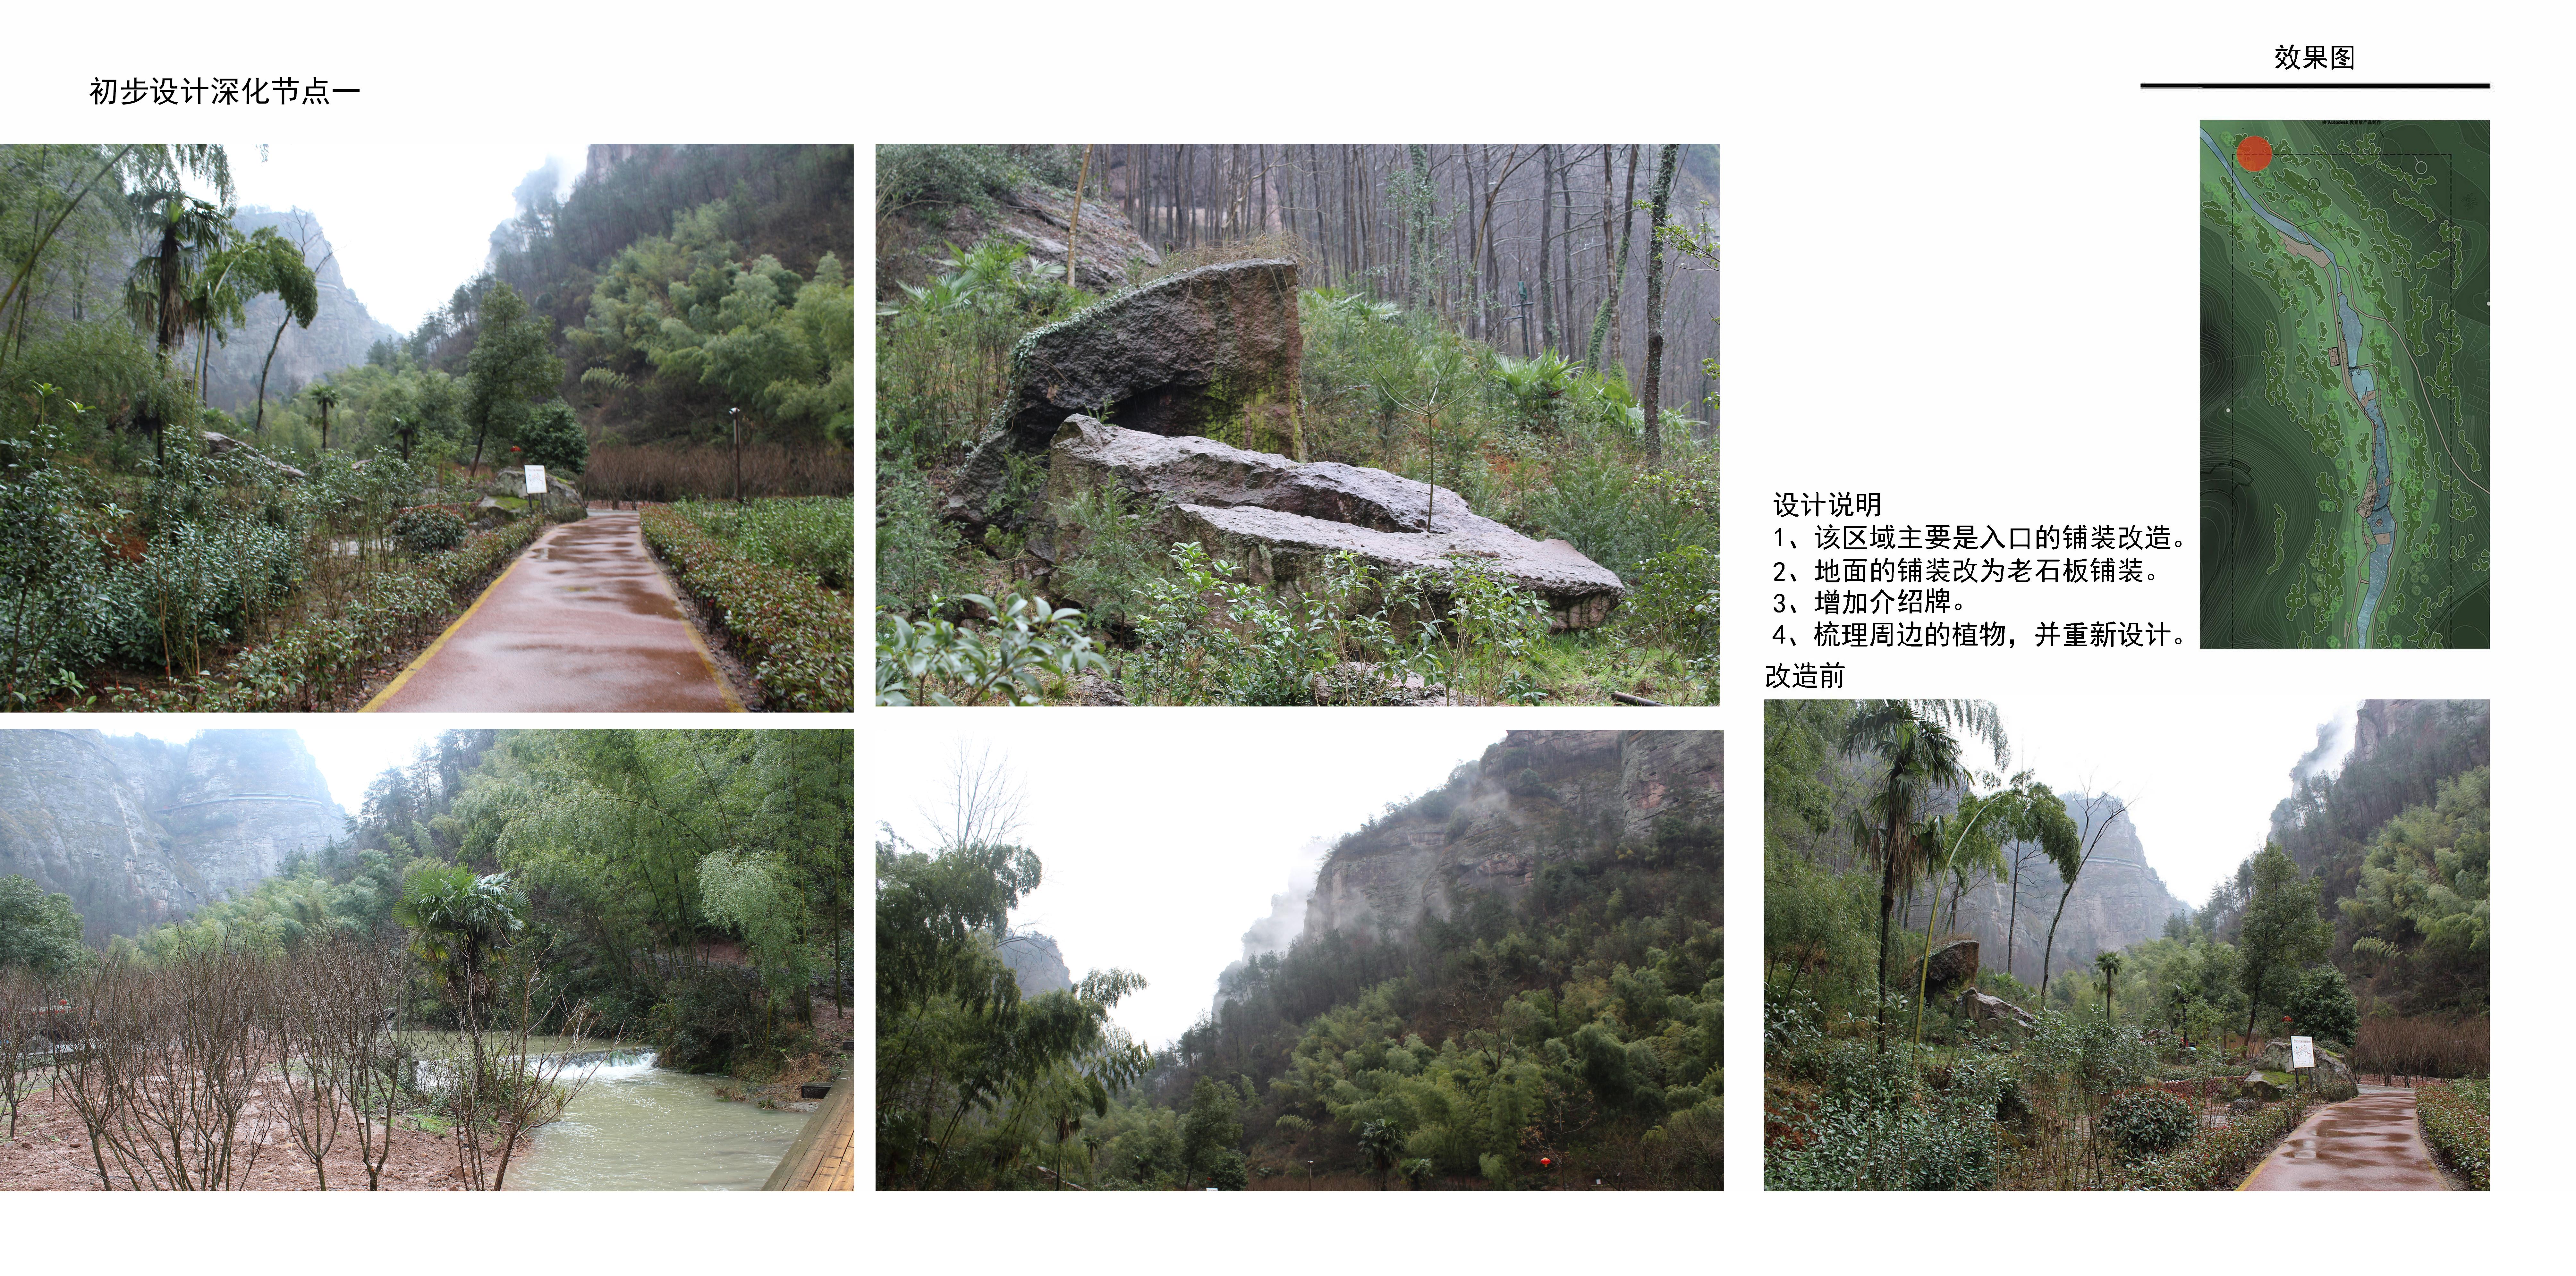 千丈幽谷景观提升设计_页面_24